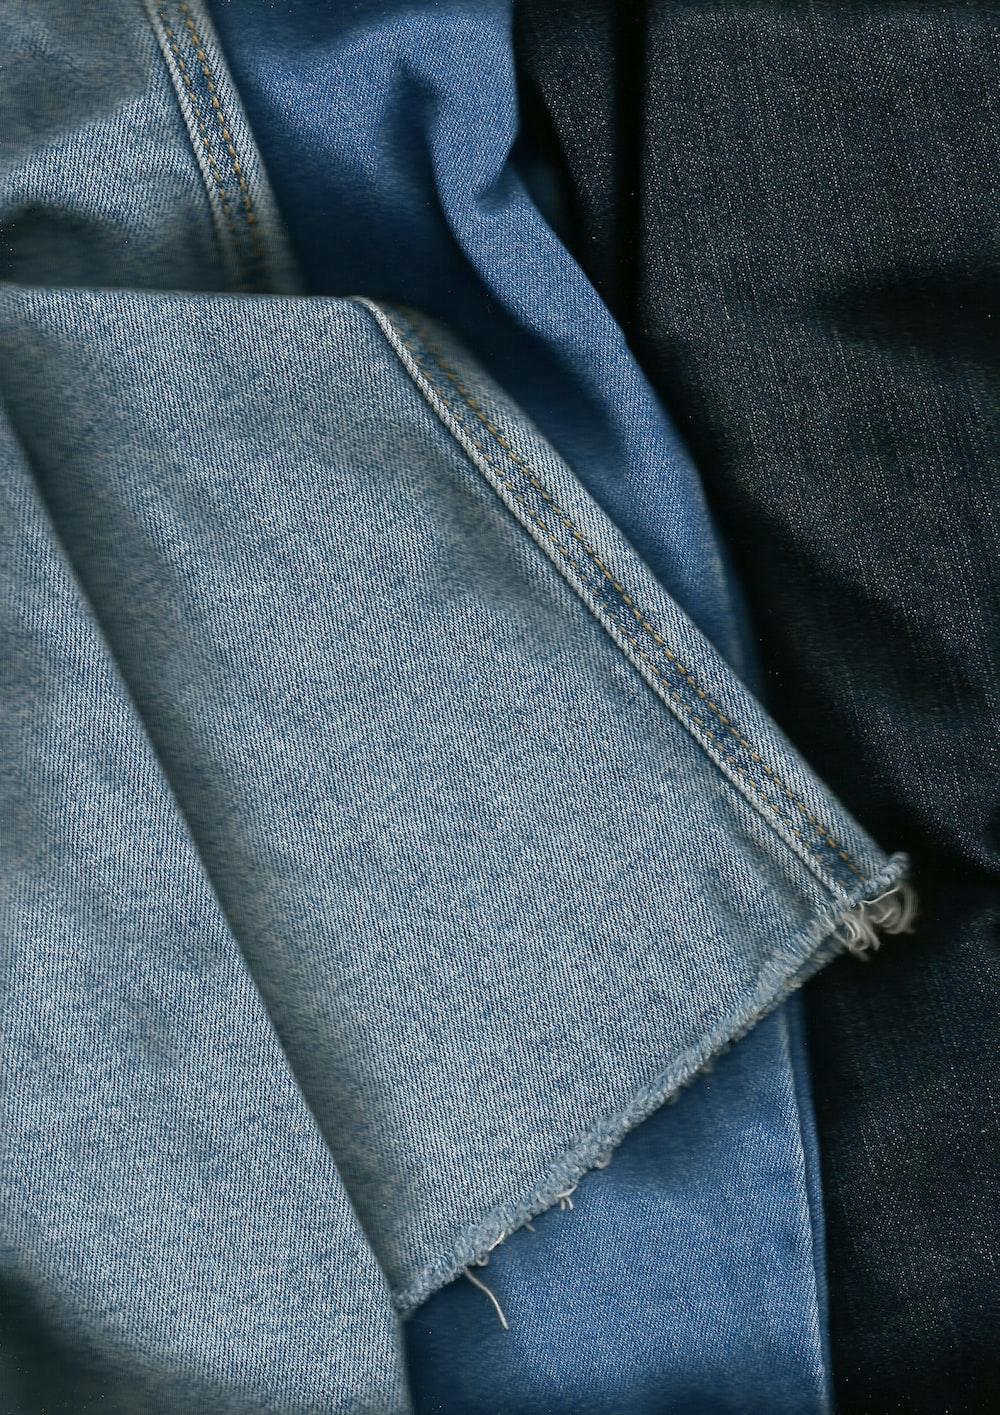 blue denim textile on black textile